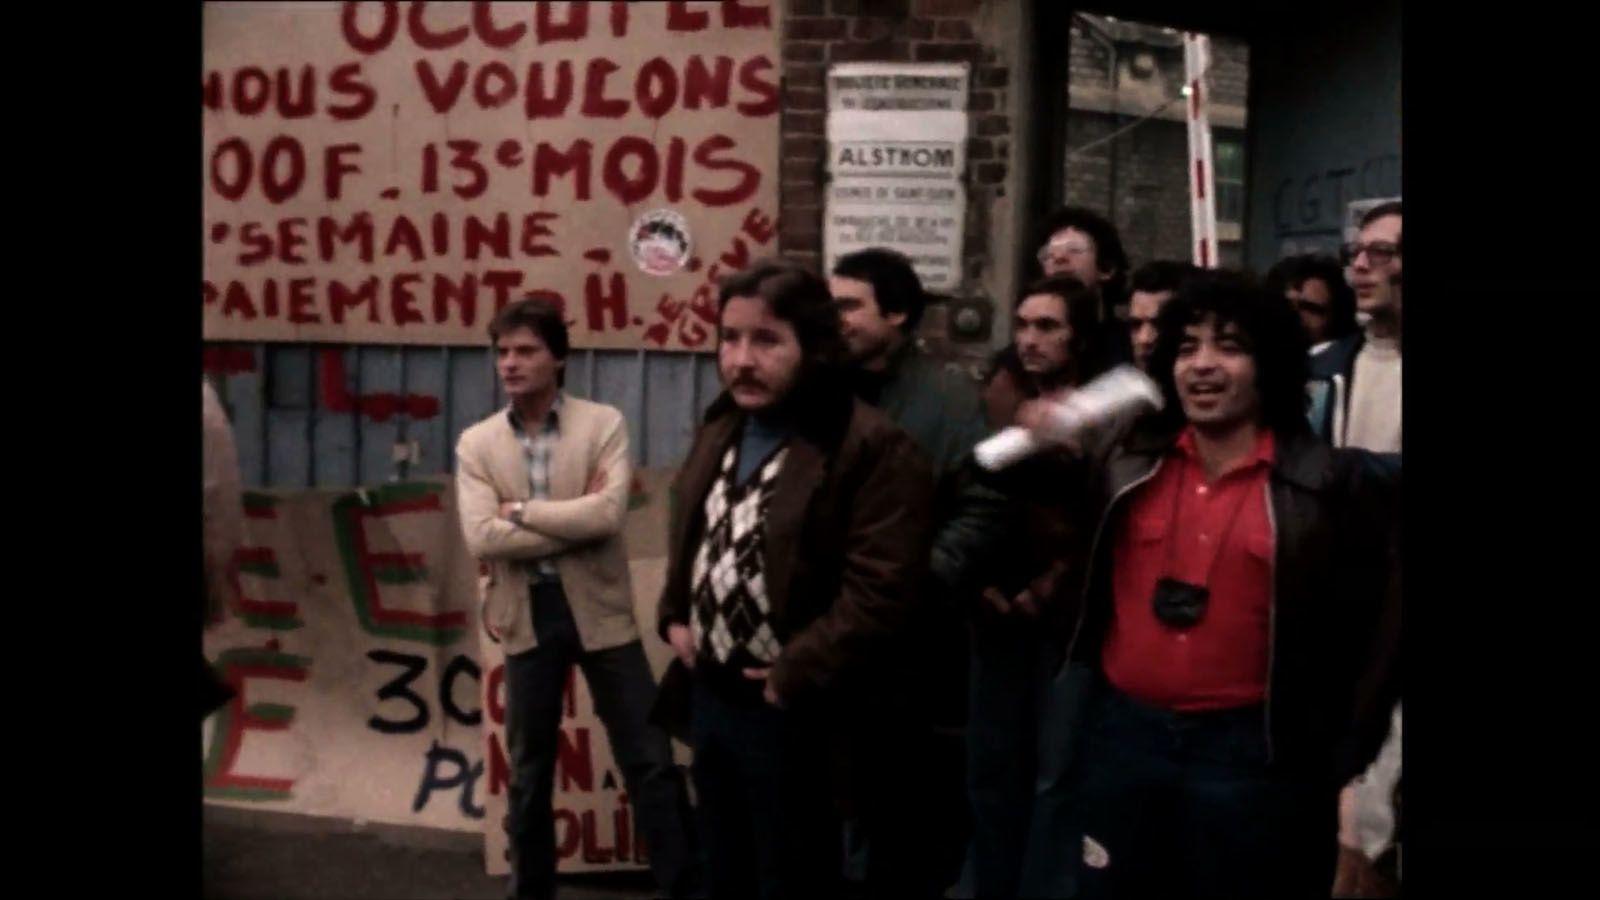 L' Âcre parfum des immortelles (BANDE-ANNONCE) Documentaire de Jean-Pierre Thorn - Le 23 octobre 2019 au cinéma